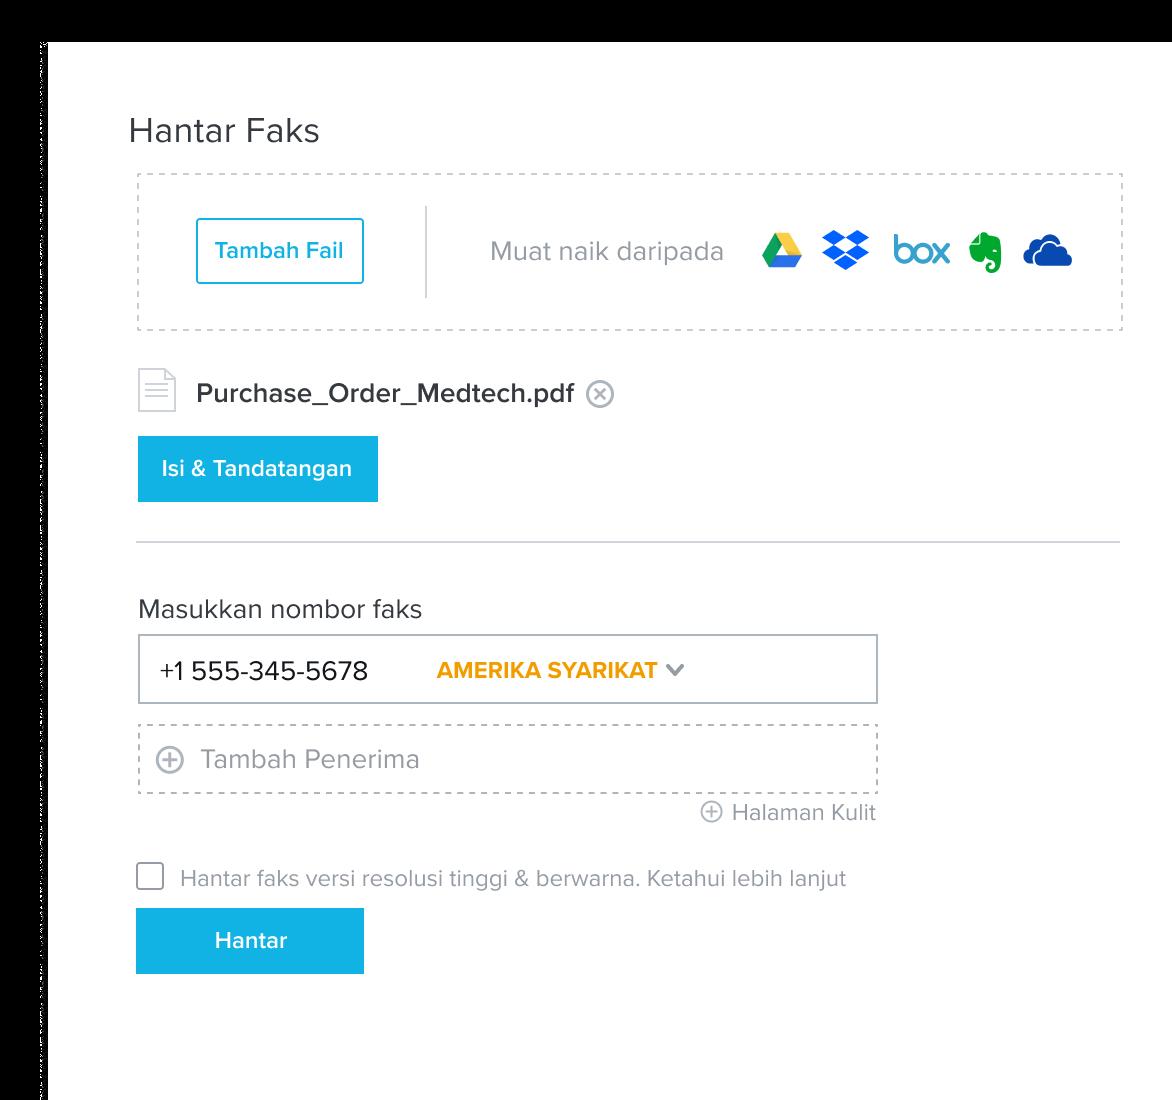 Imej produk faks penghantaran HelloFax